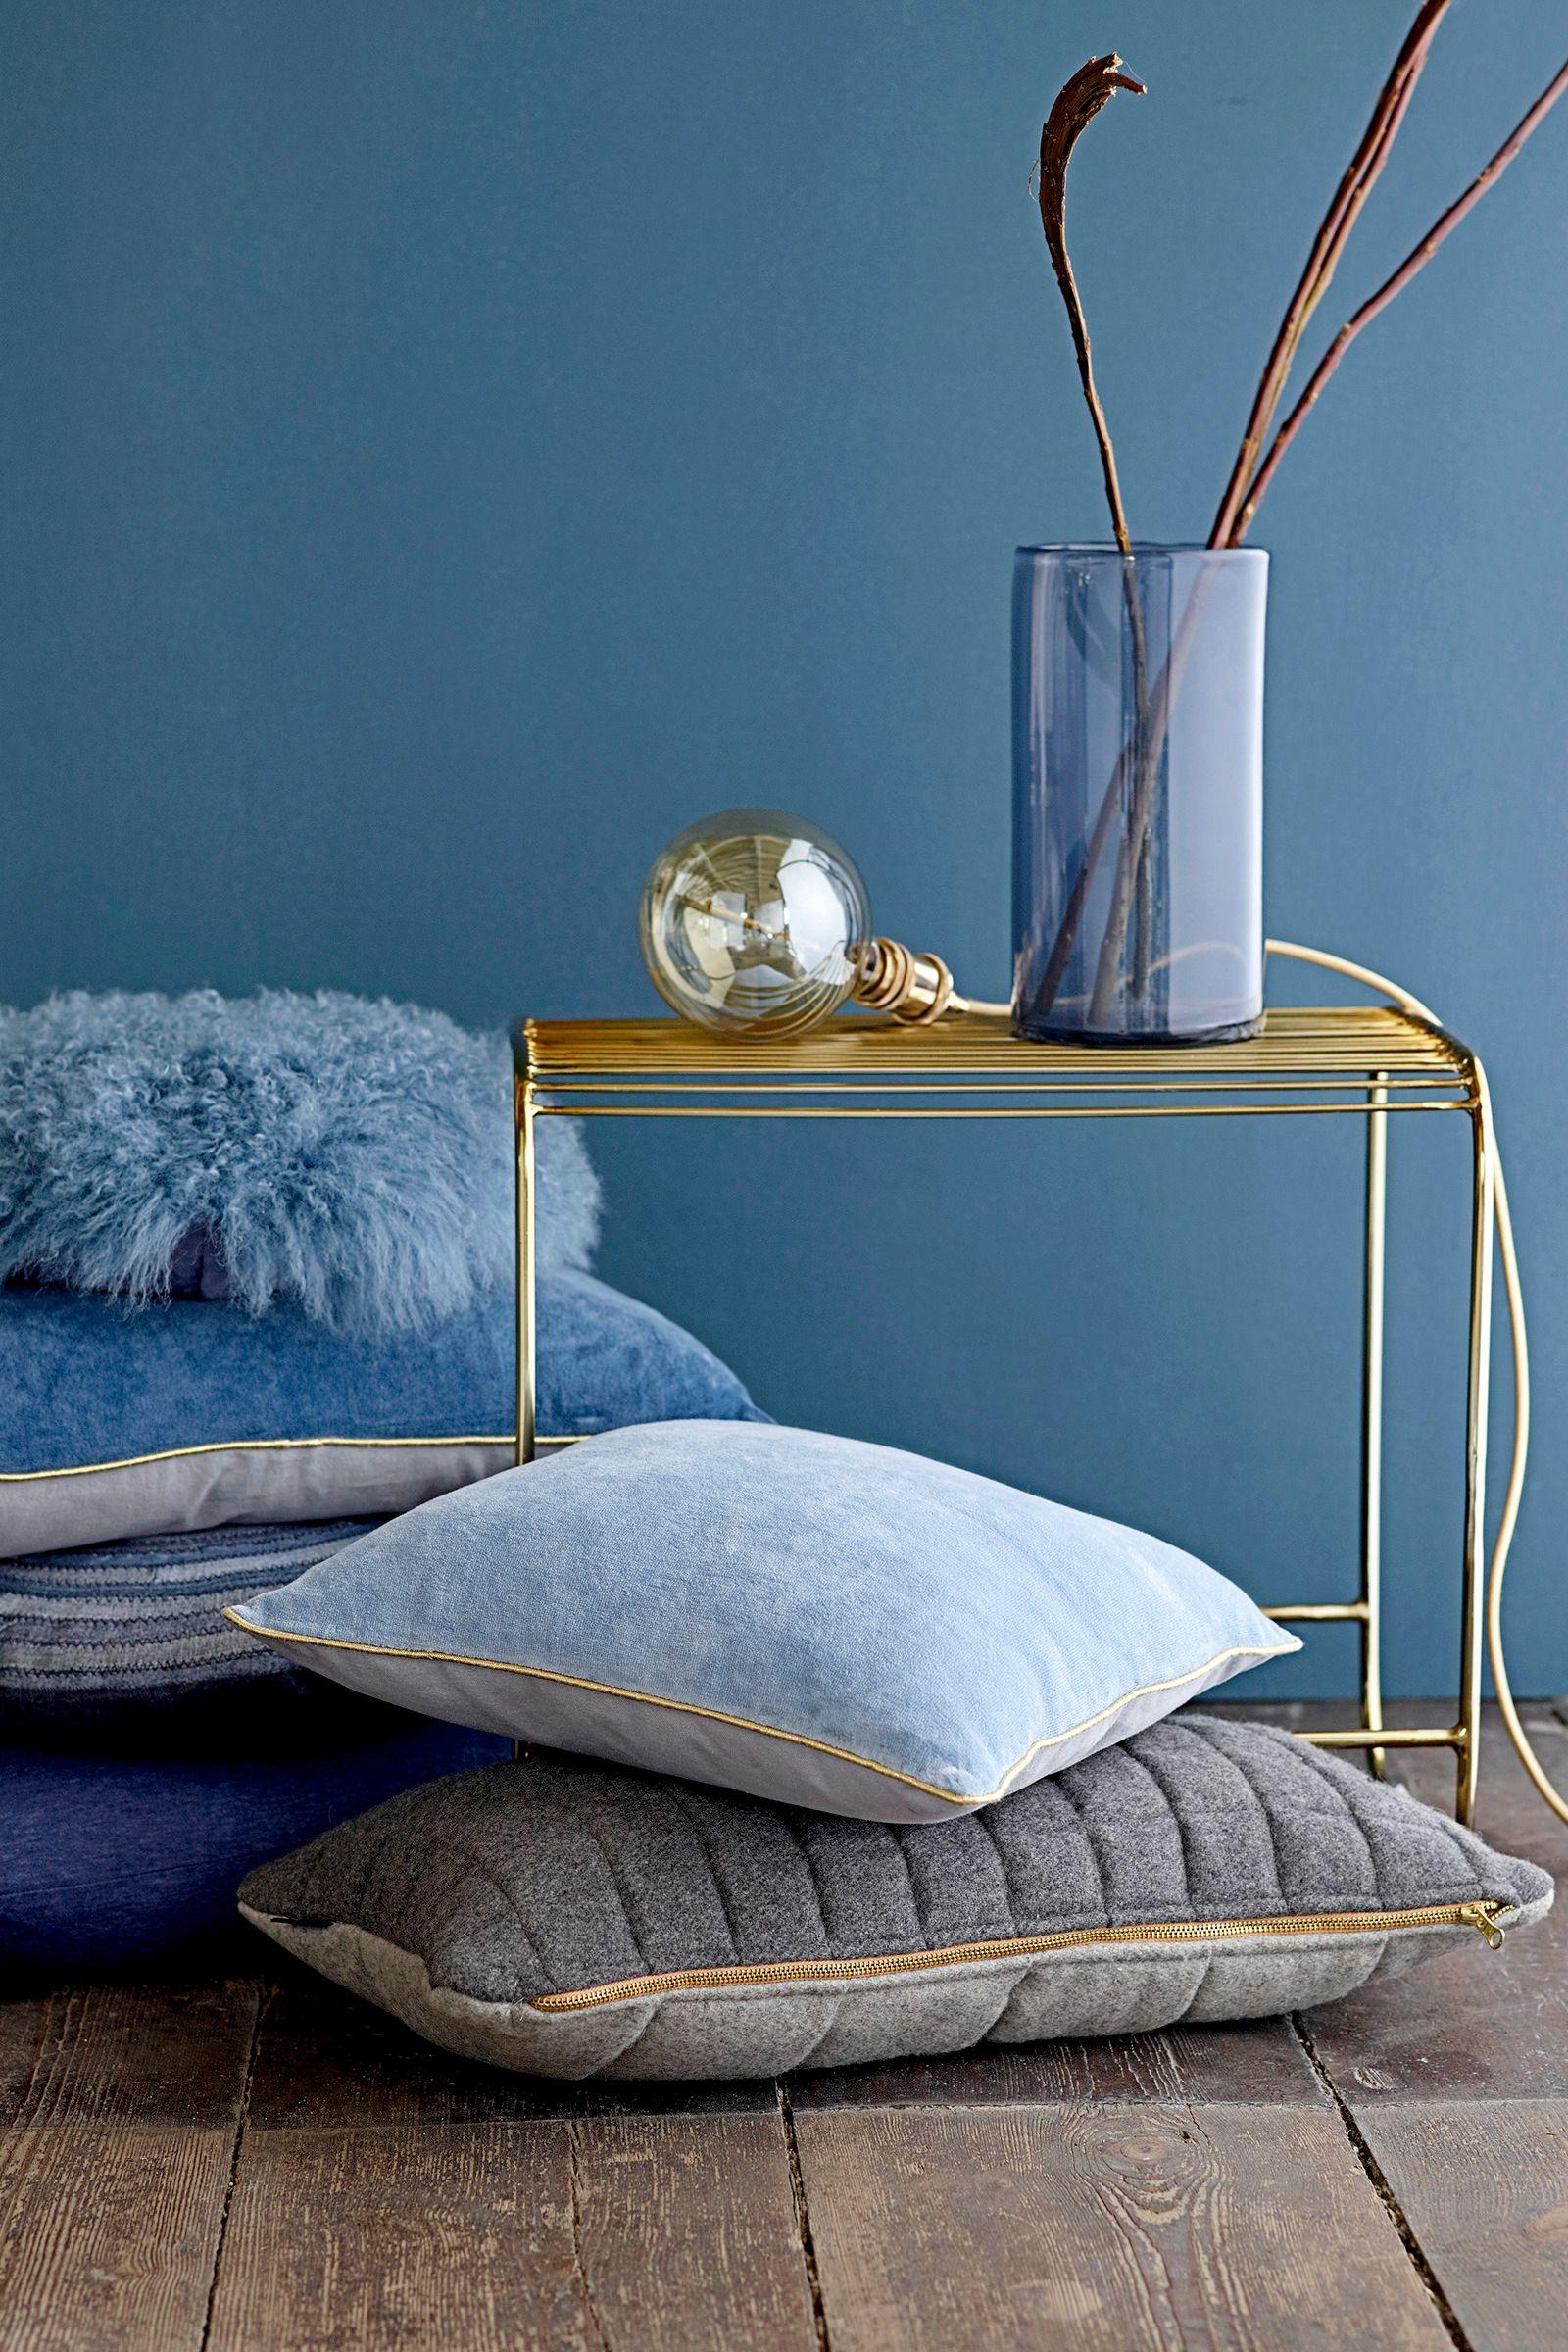 Hanglamp  Muur kleur  Pinturas para dormitorios